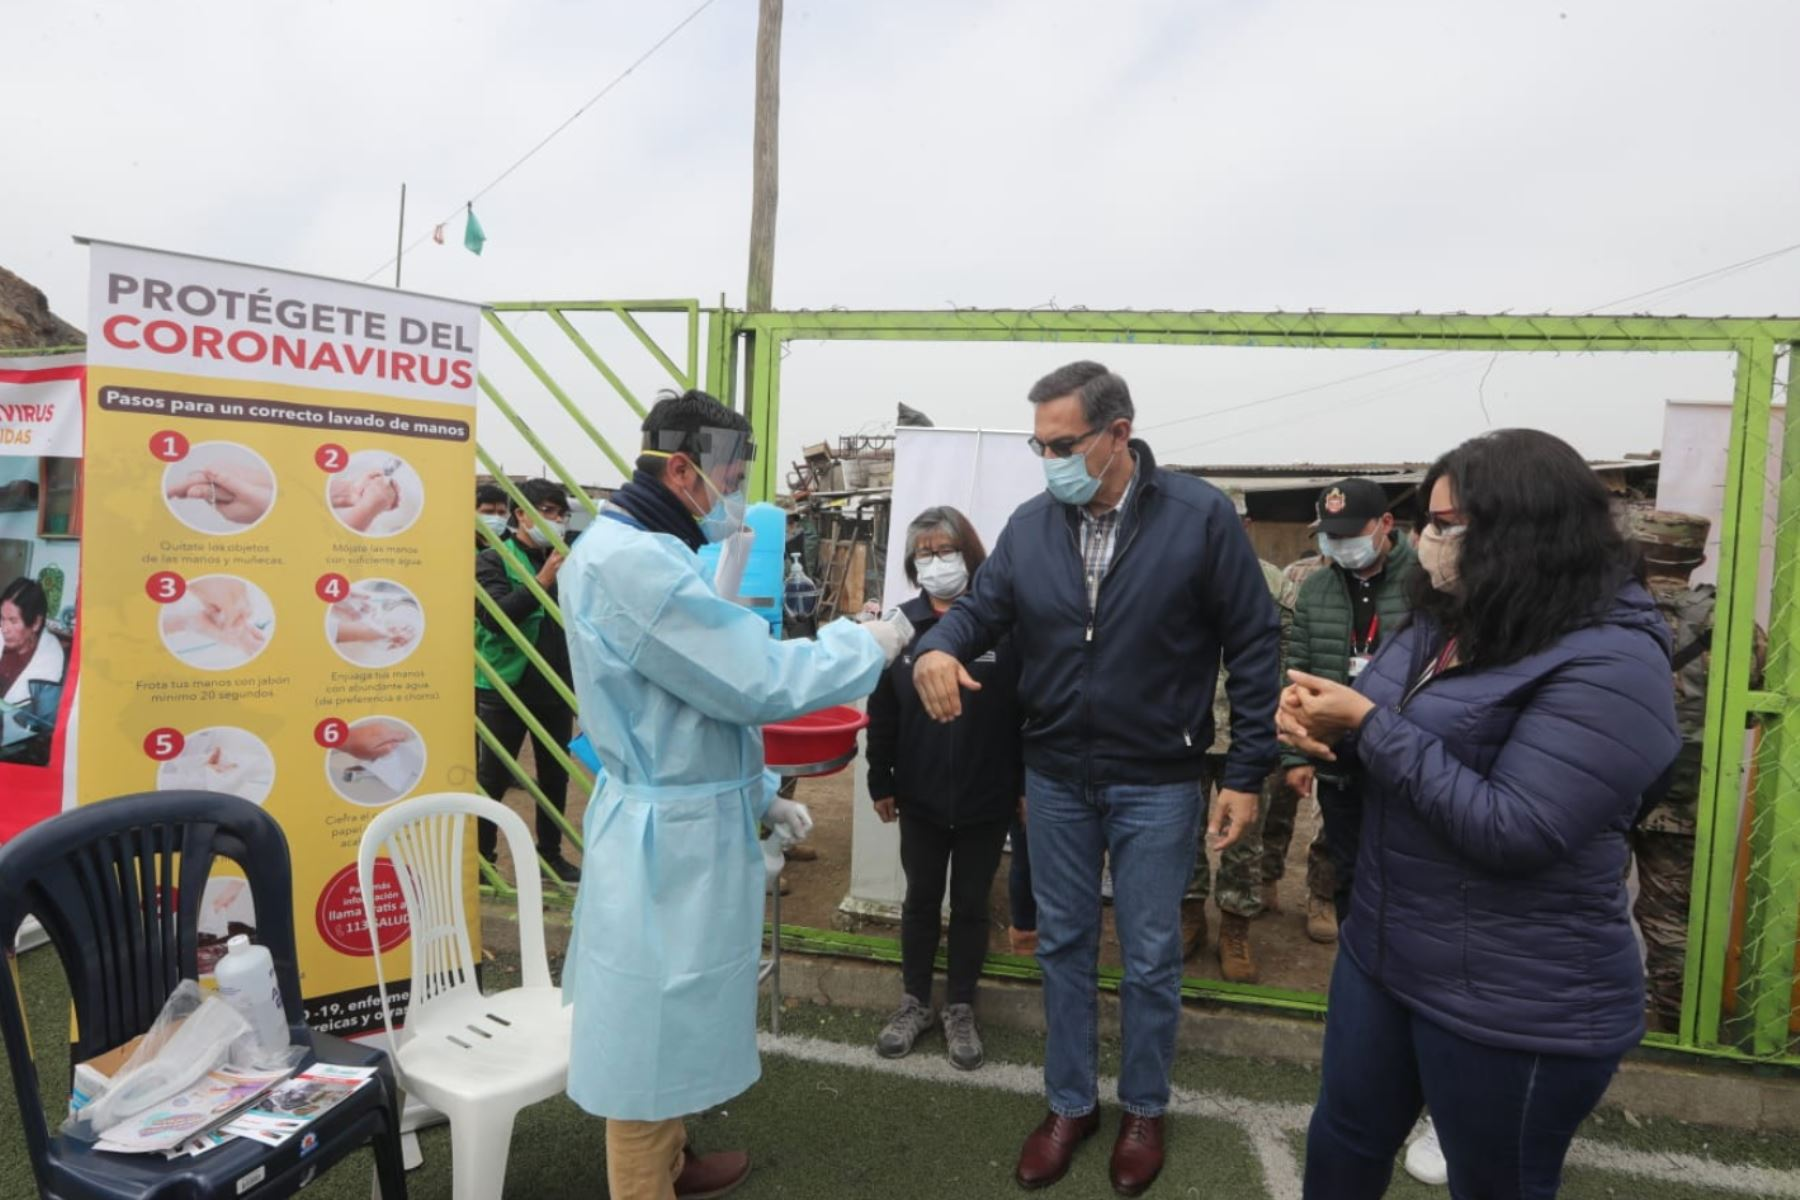 El presidente Martin Vizcarra y la viceministra Nancy Zerpa supervisan la intervención de atención primaria.Niños, gestantes, adultos mayores y personas con comorbilidades de El Agustino reciben servicios de salud en la actividad